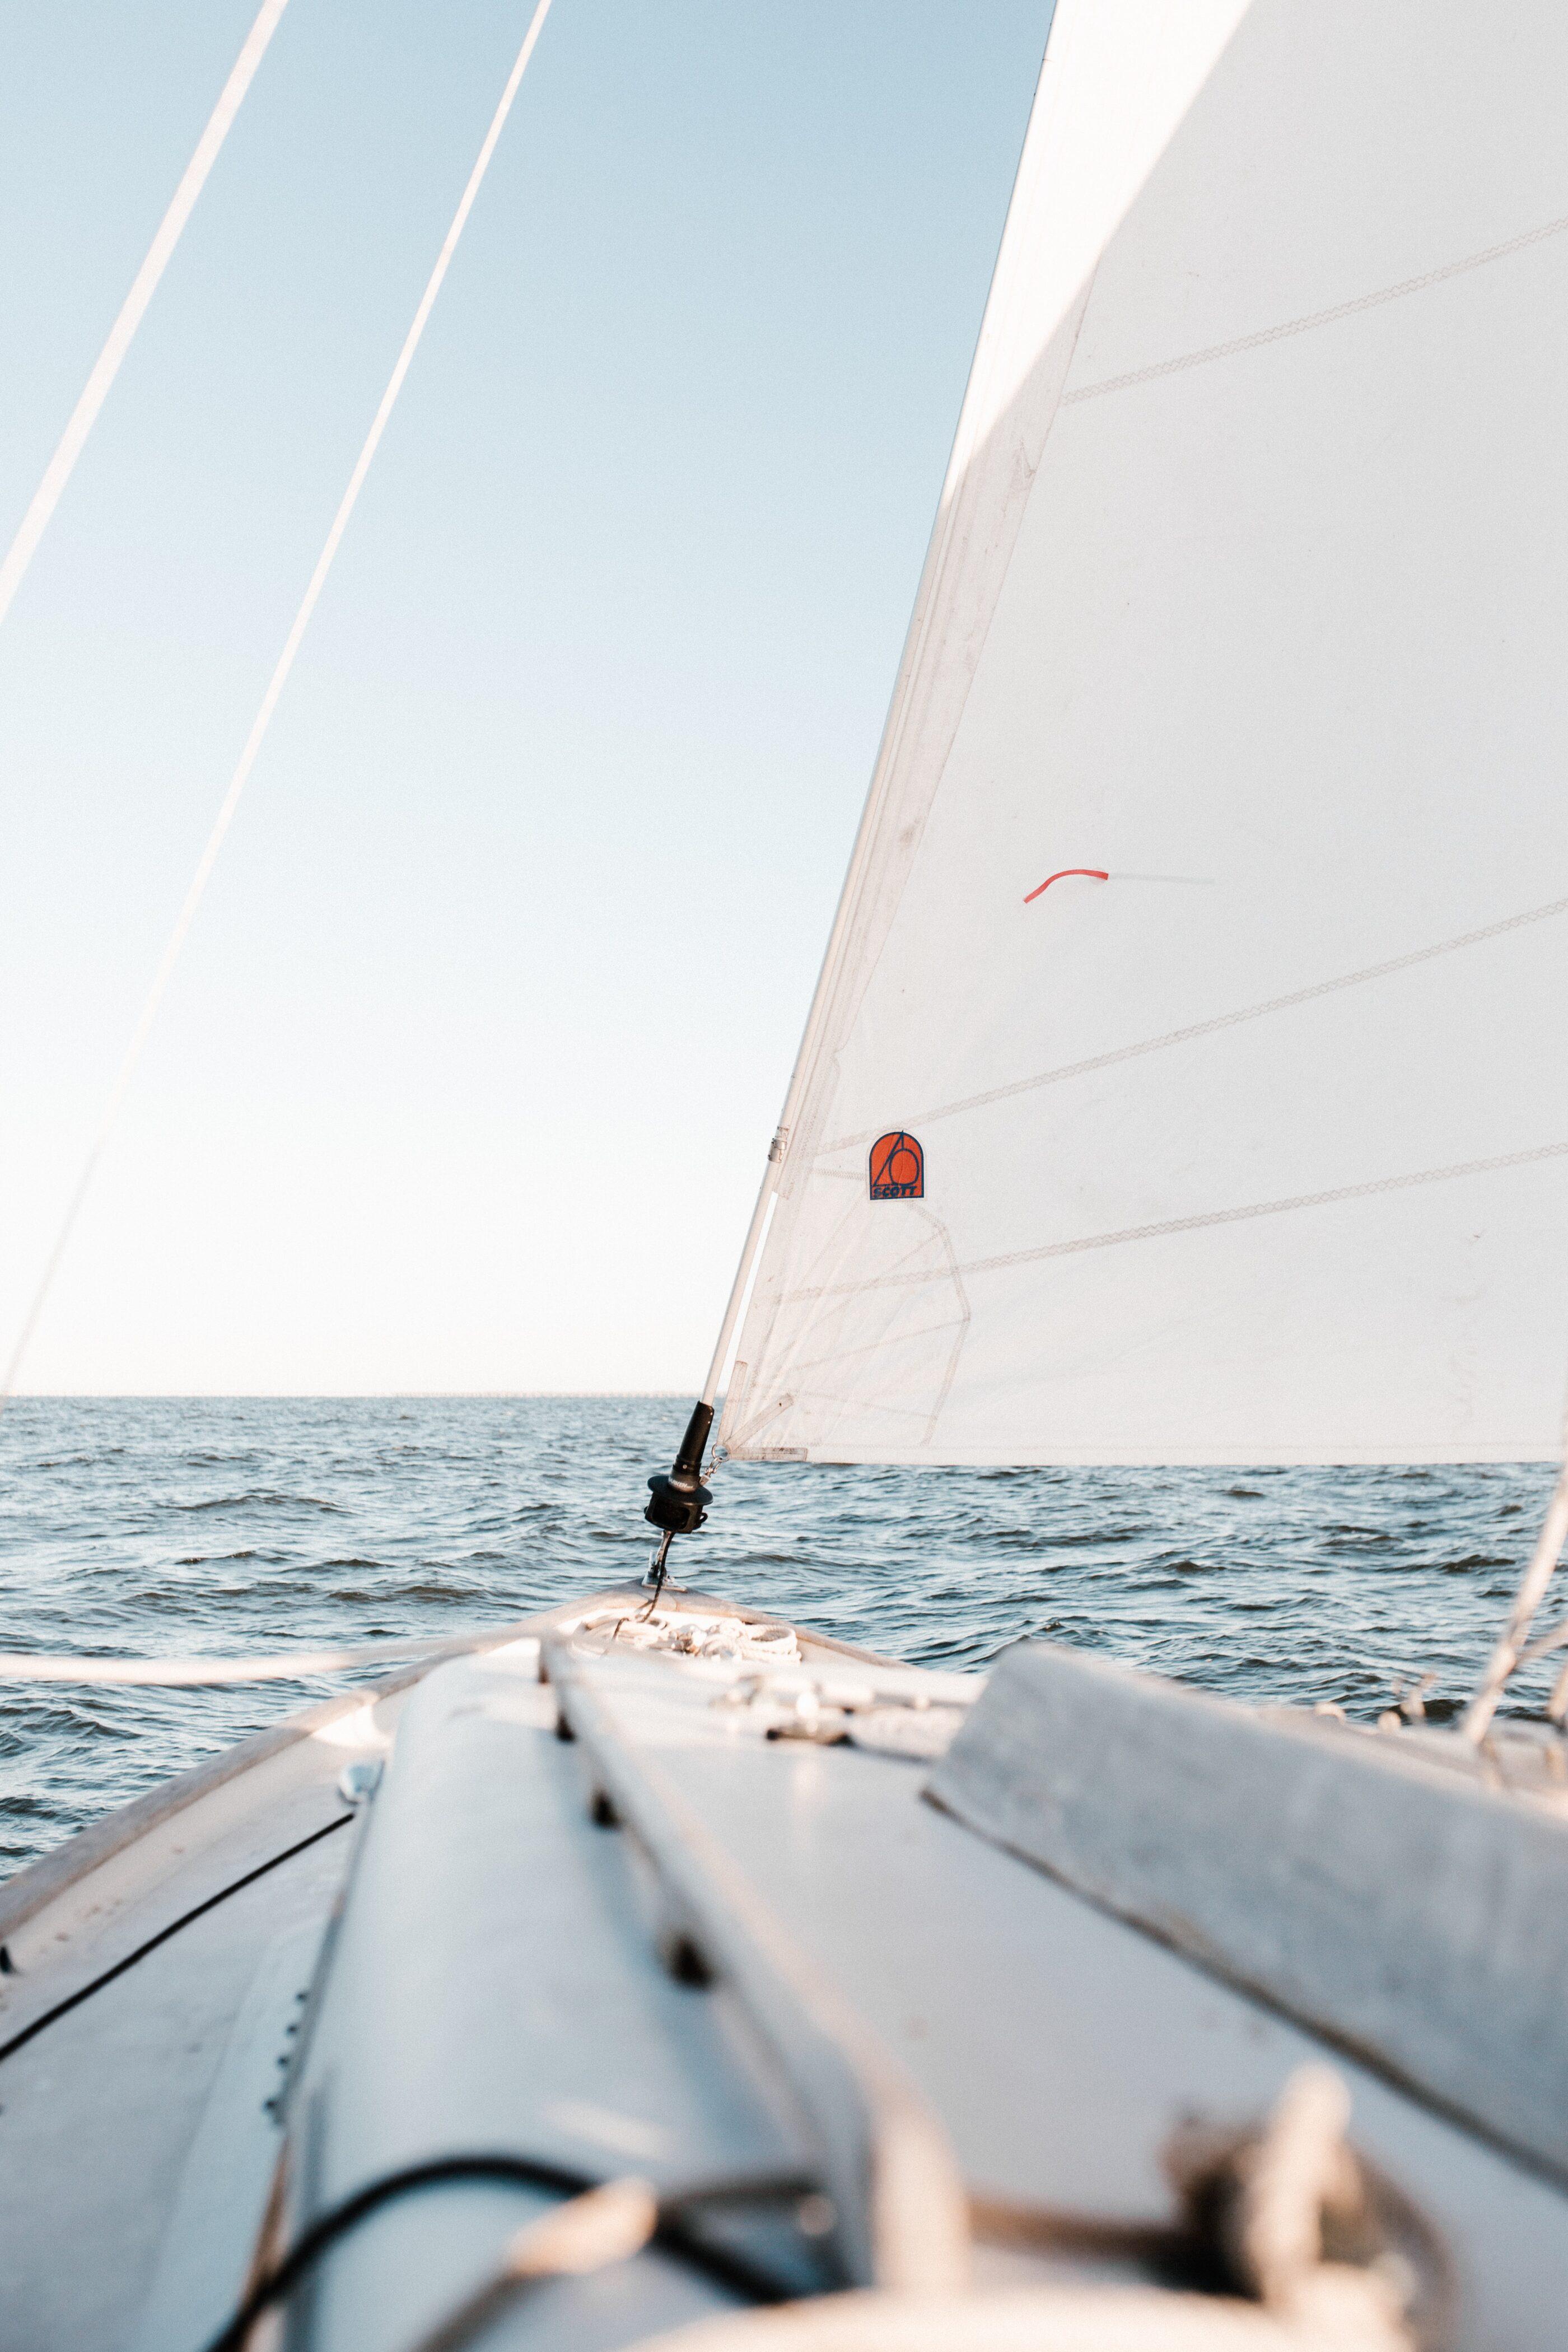 En hvid sejlbåd ude i havet under klar himmel